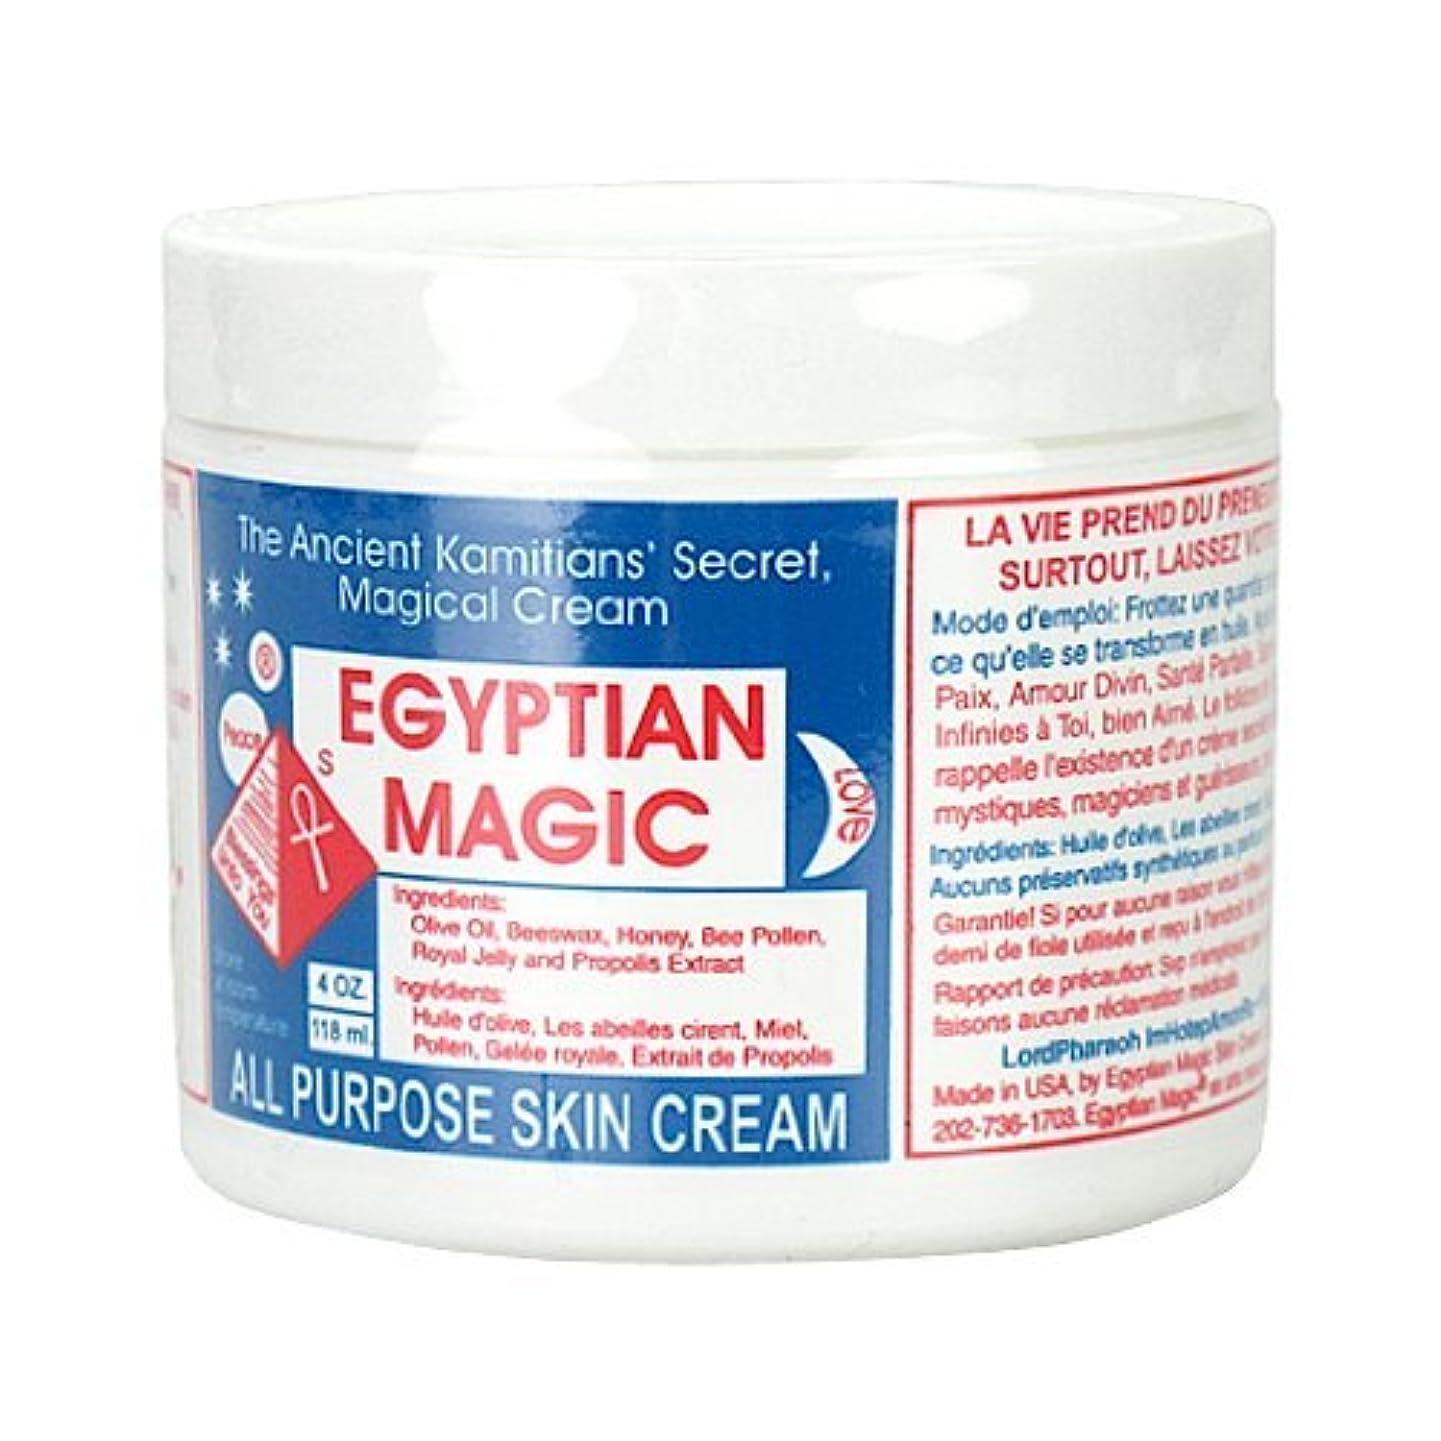 鉄証人博物館エジプシャンマジック EGYPTIAN MAGIC エジプシャン マジック クリーム 118ml 保湿クリーム